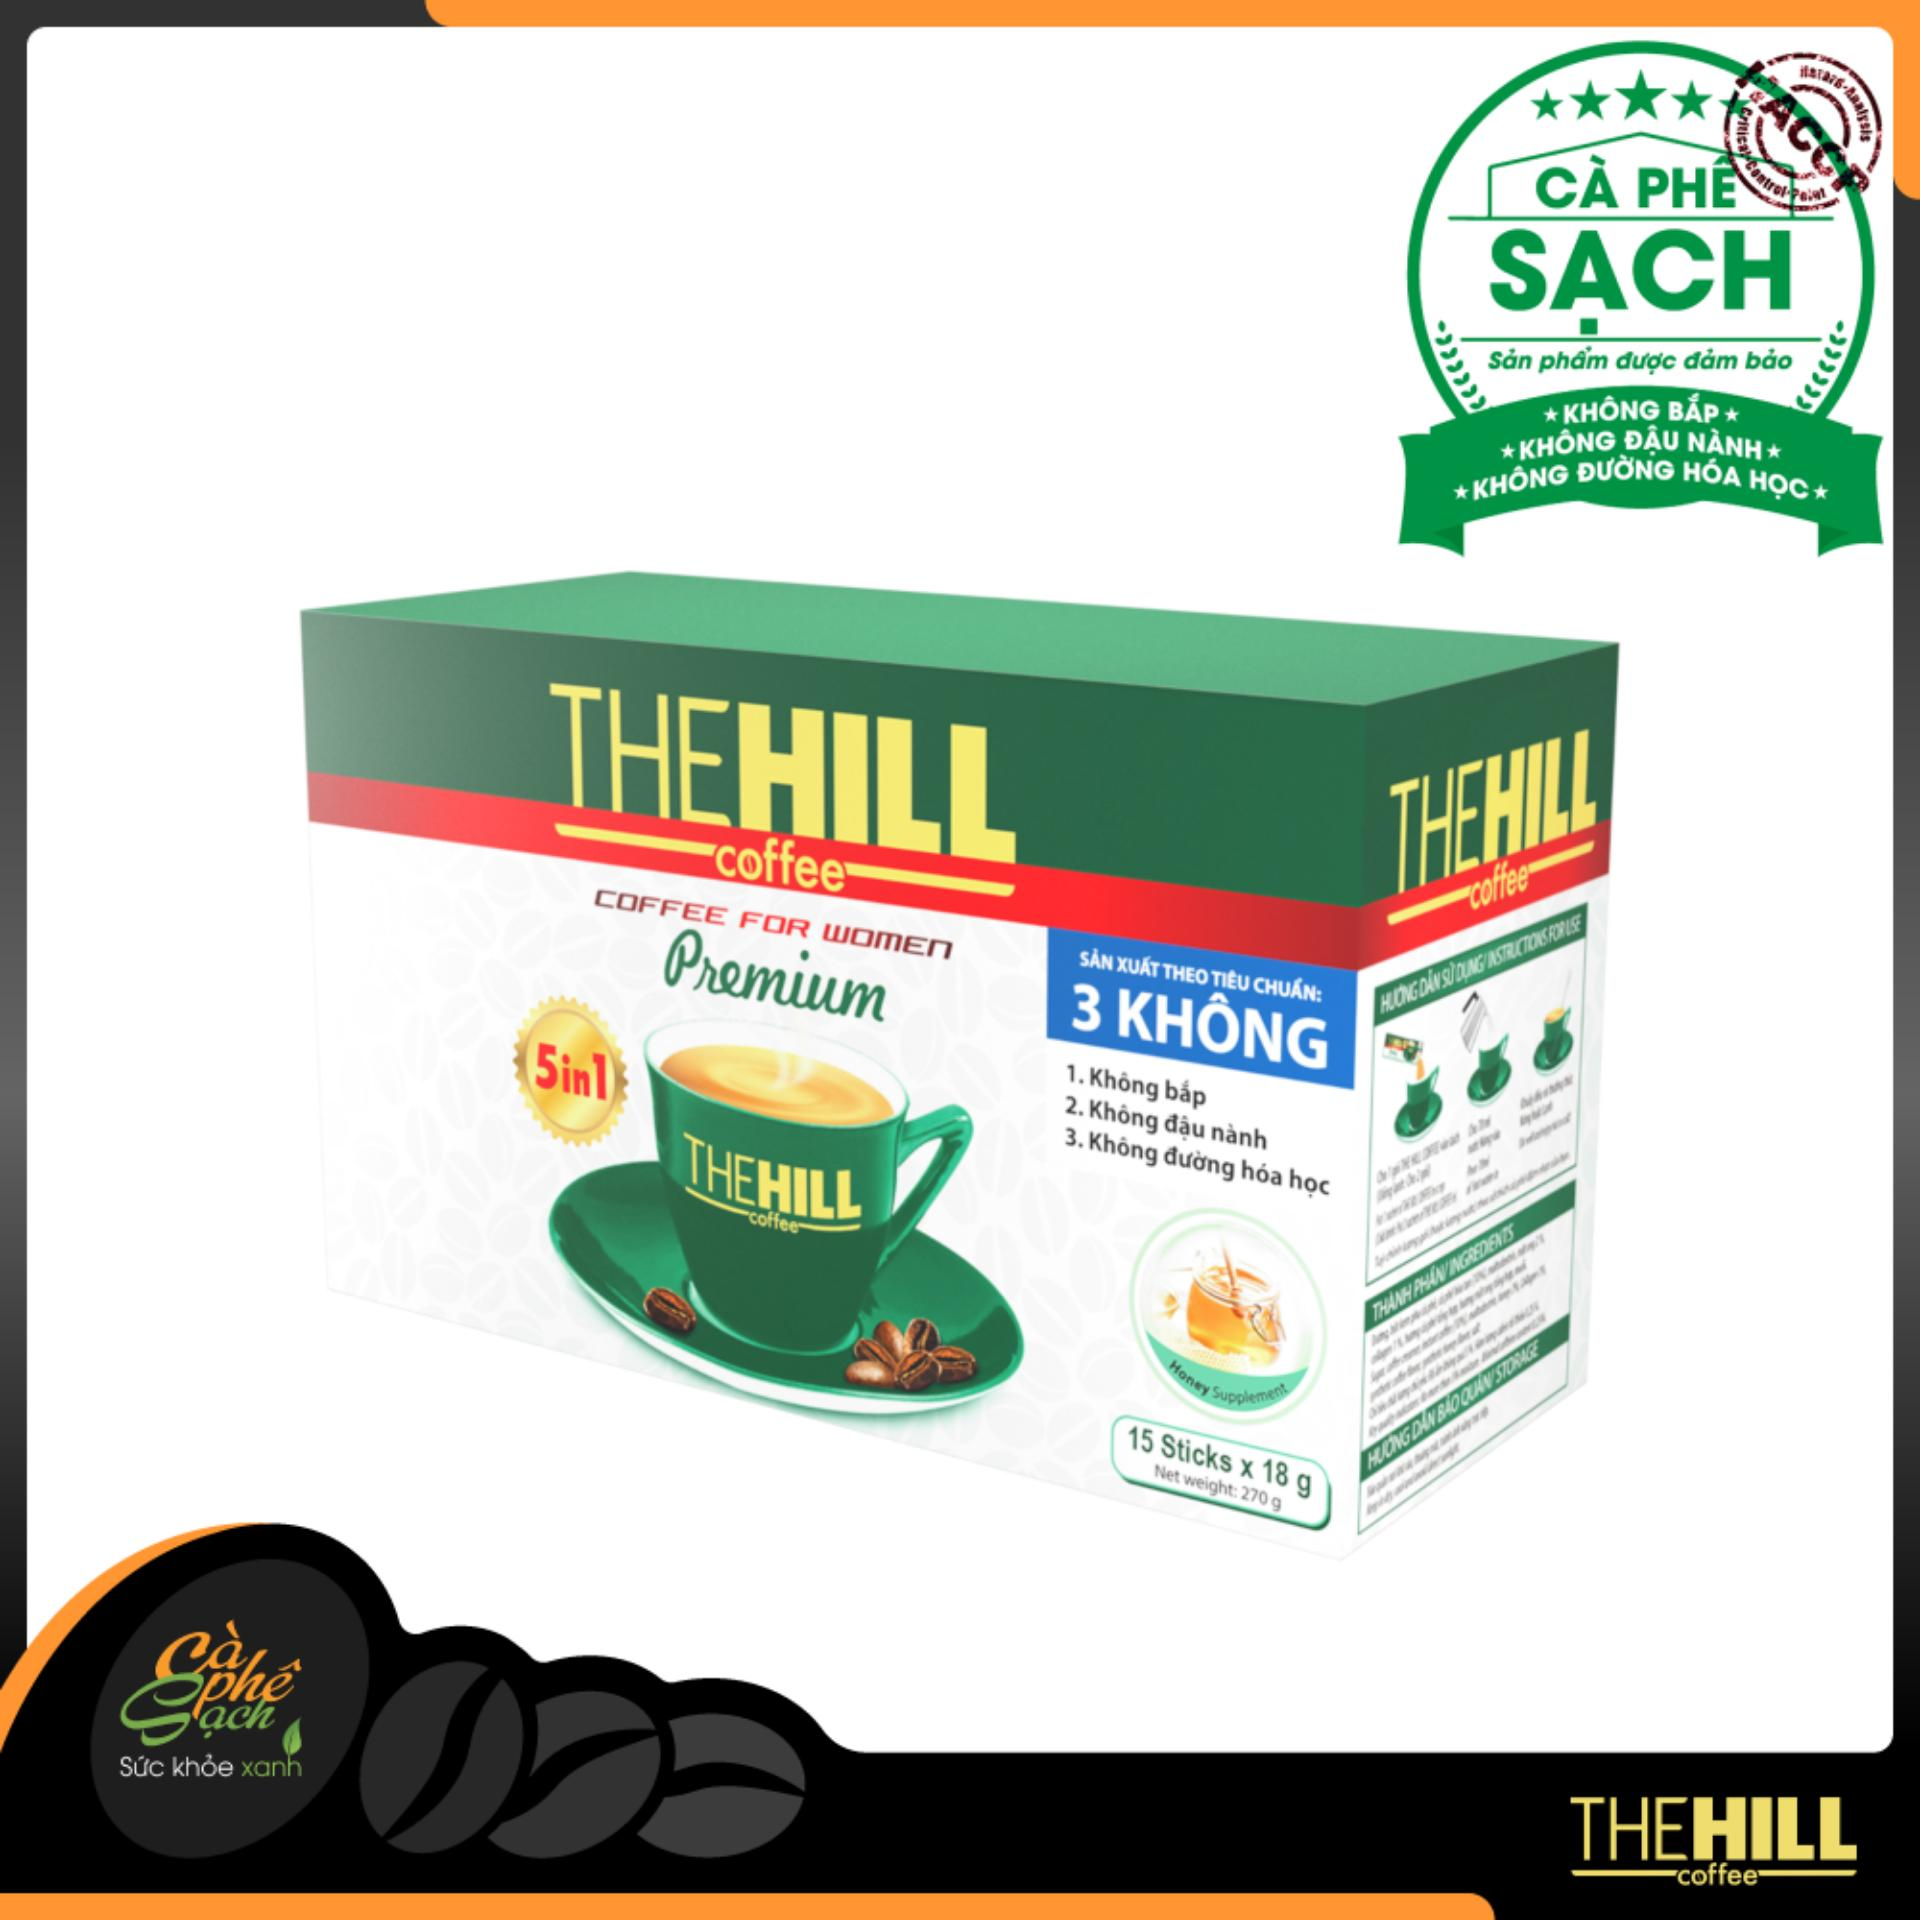 CÀ PHÊ CHO PHÁI NỮ – The Hill Coffee Premium